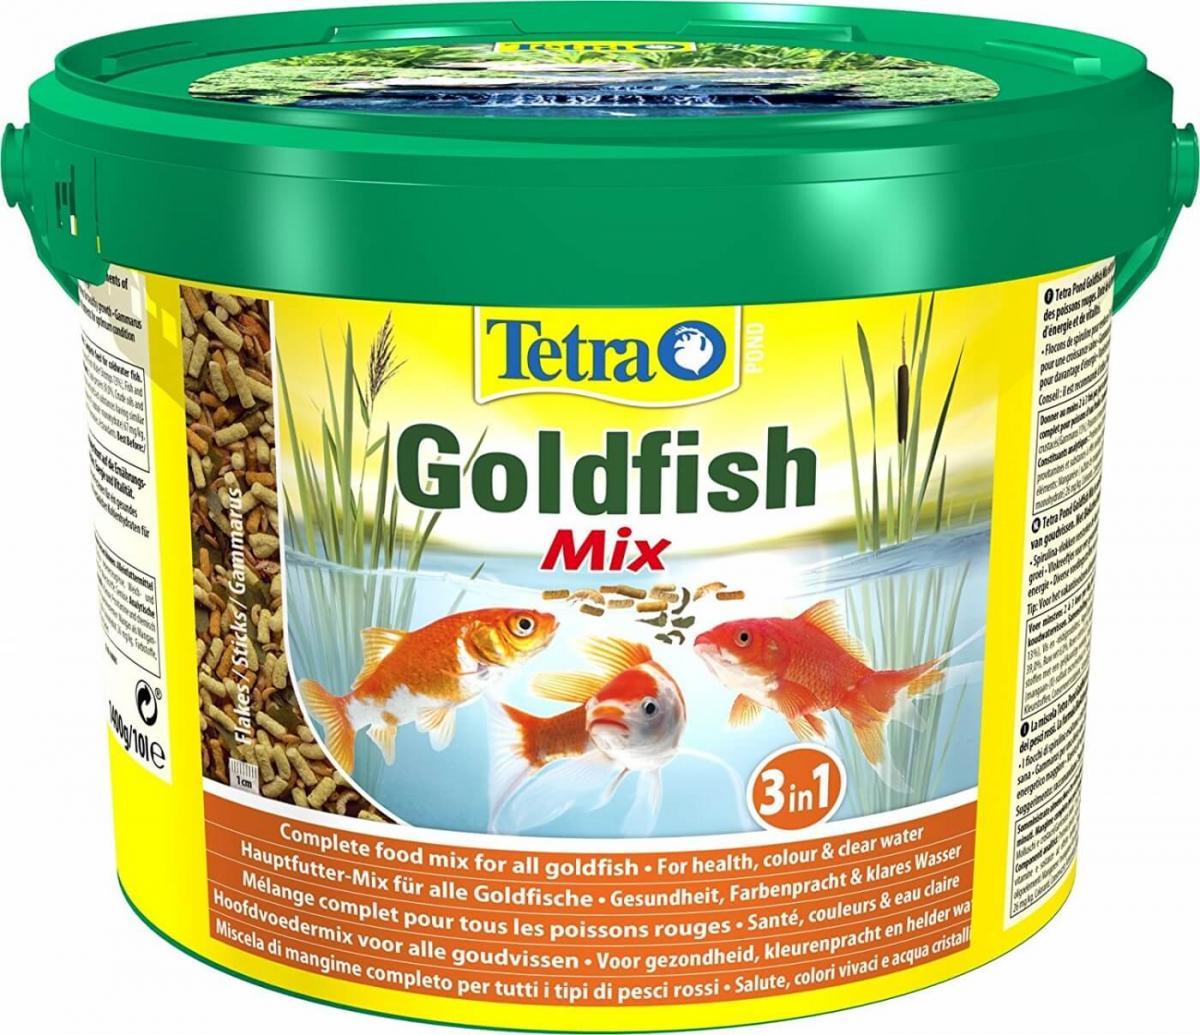 Tetra pond goldfish mix futter f r teichfische for Teichfische futter